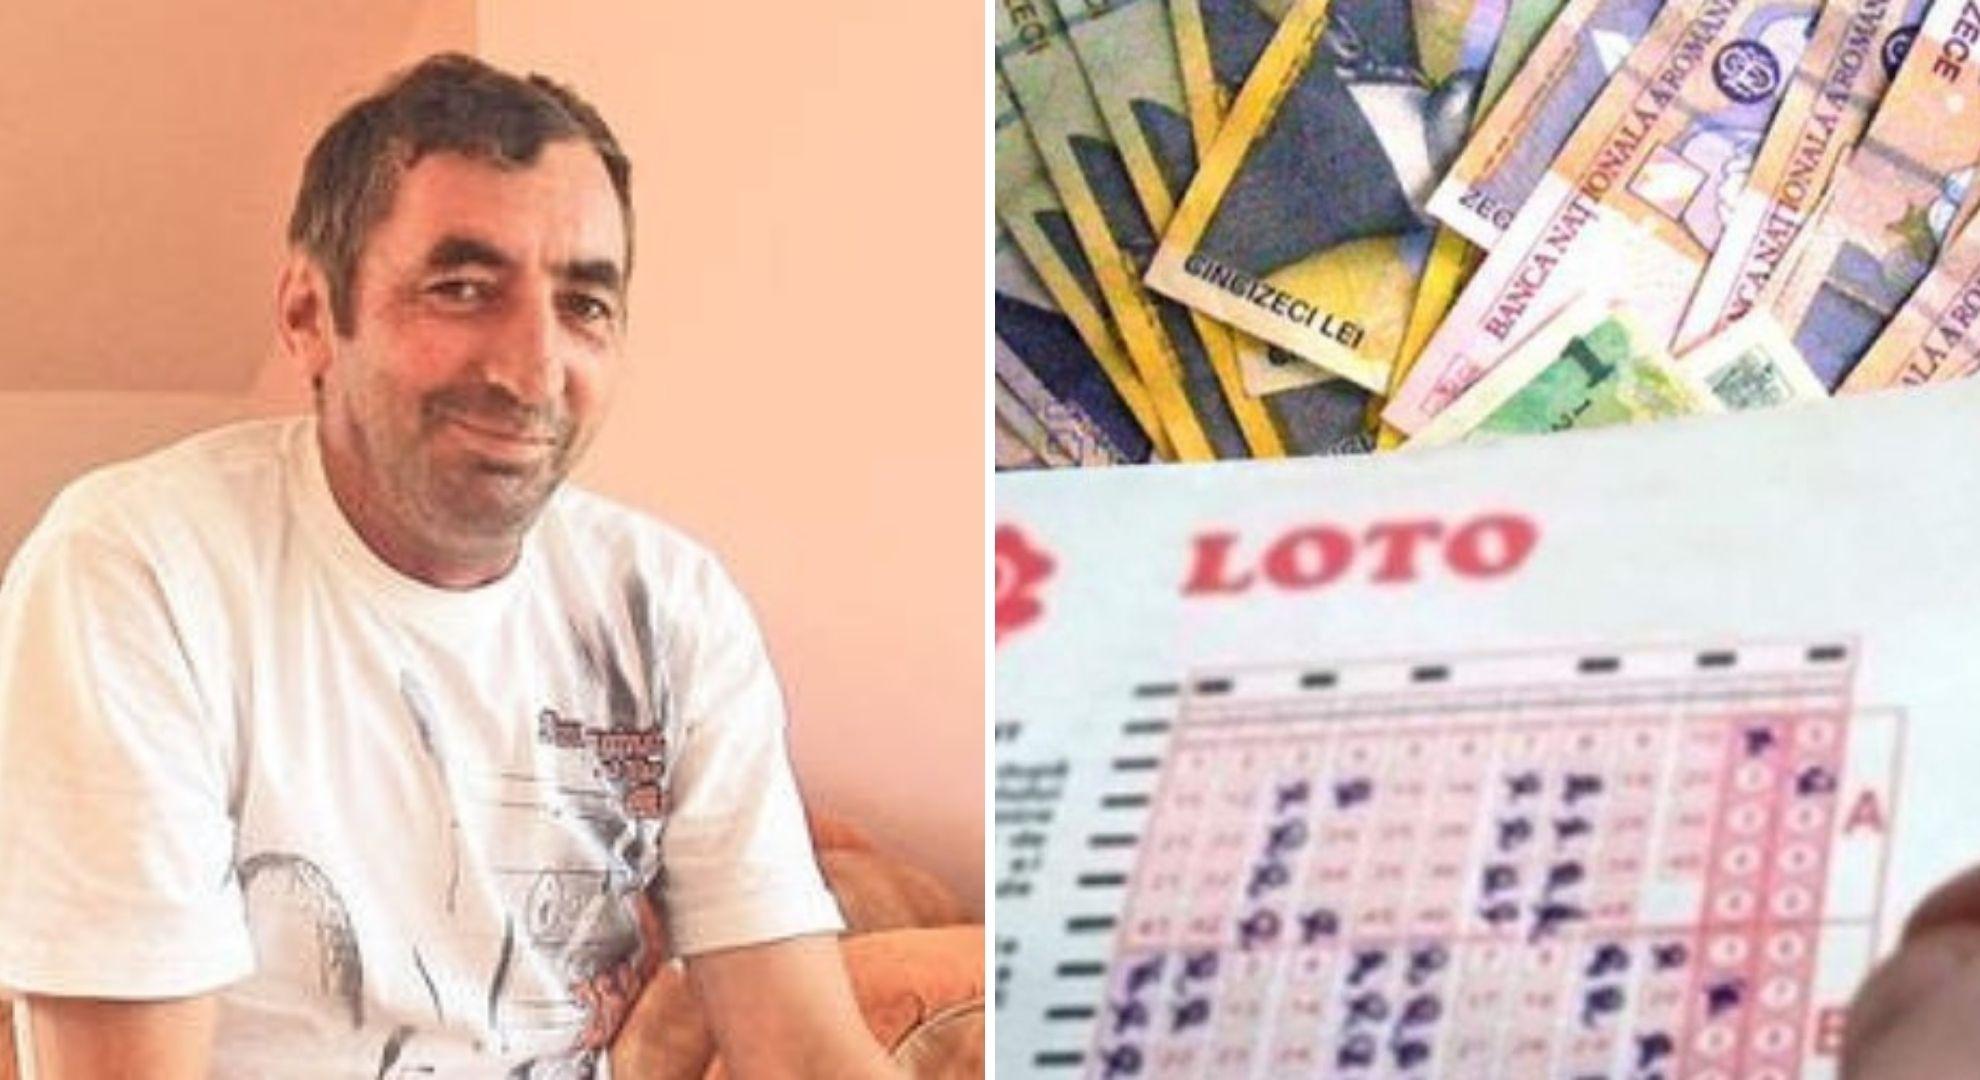 Loto 6/49. Ce a făcut un român cu premiul câștigat la loterie. Gestul lui a șocat pe toată lumea